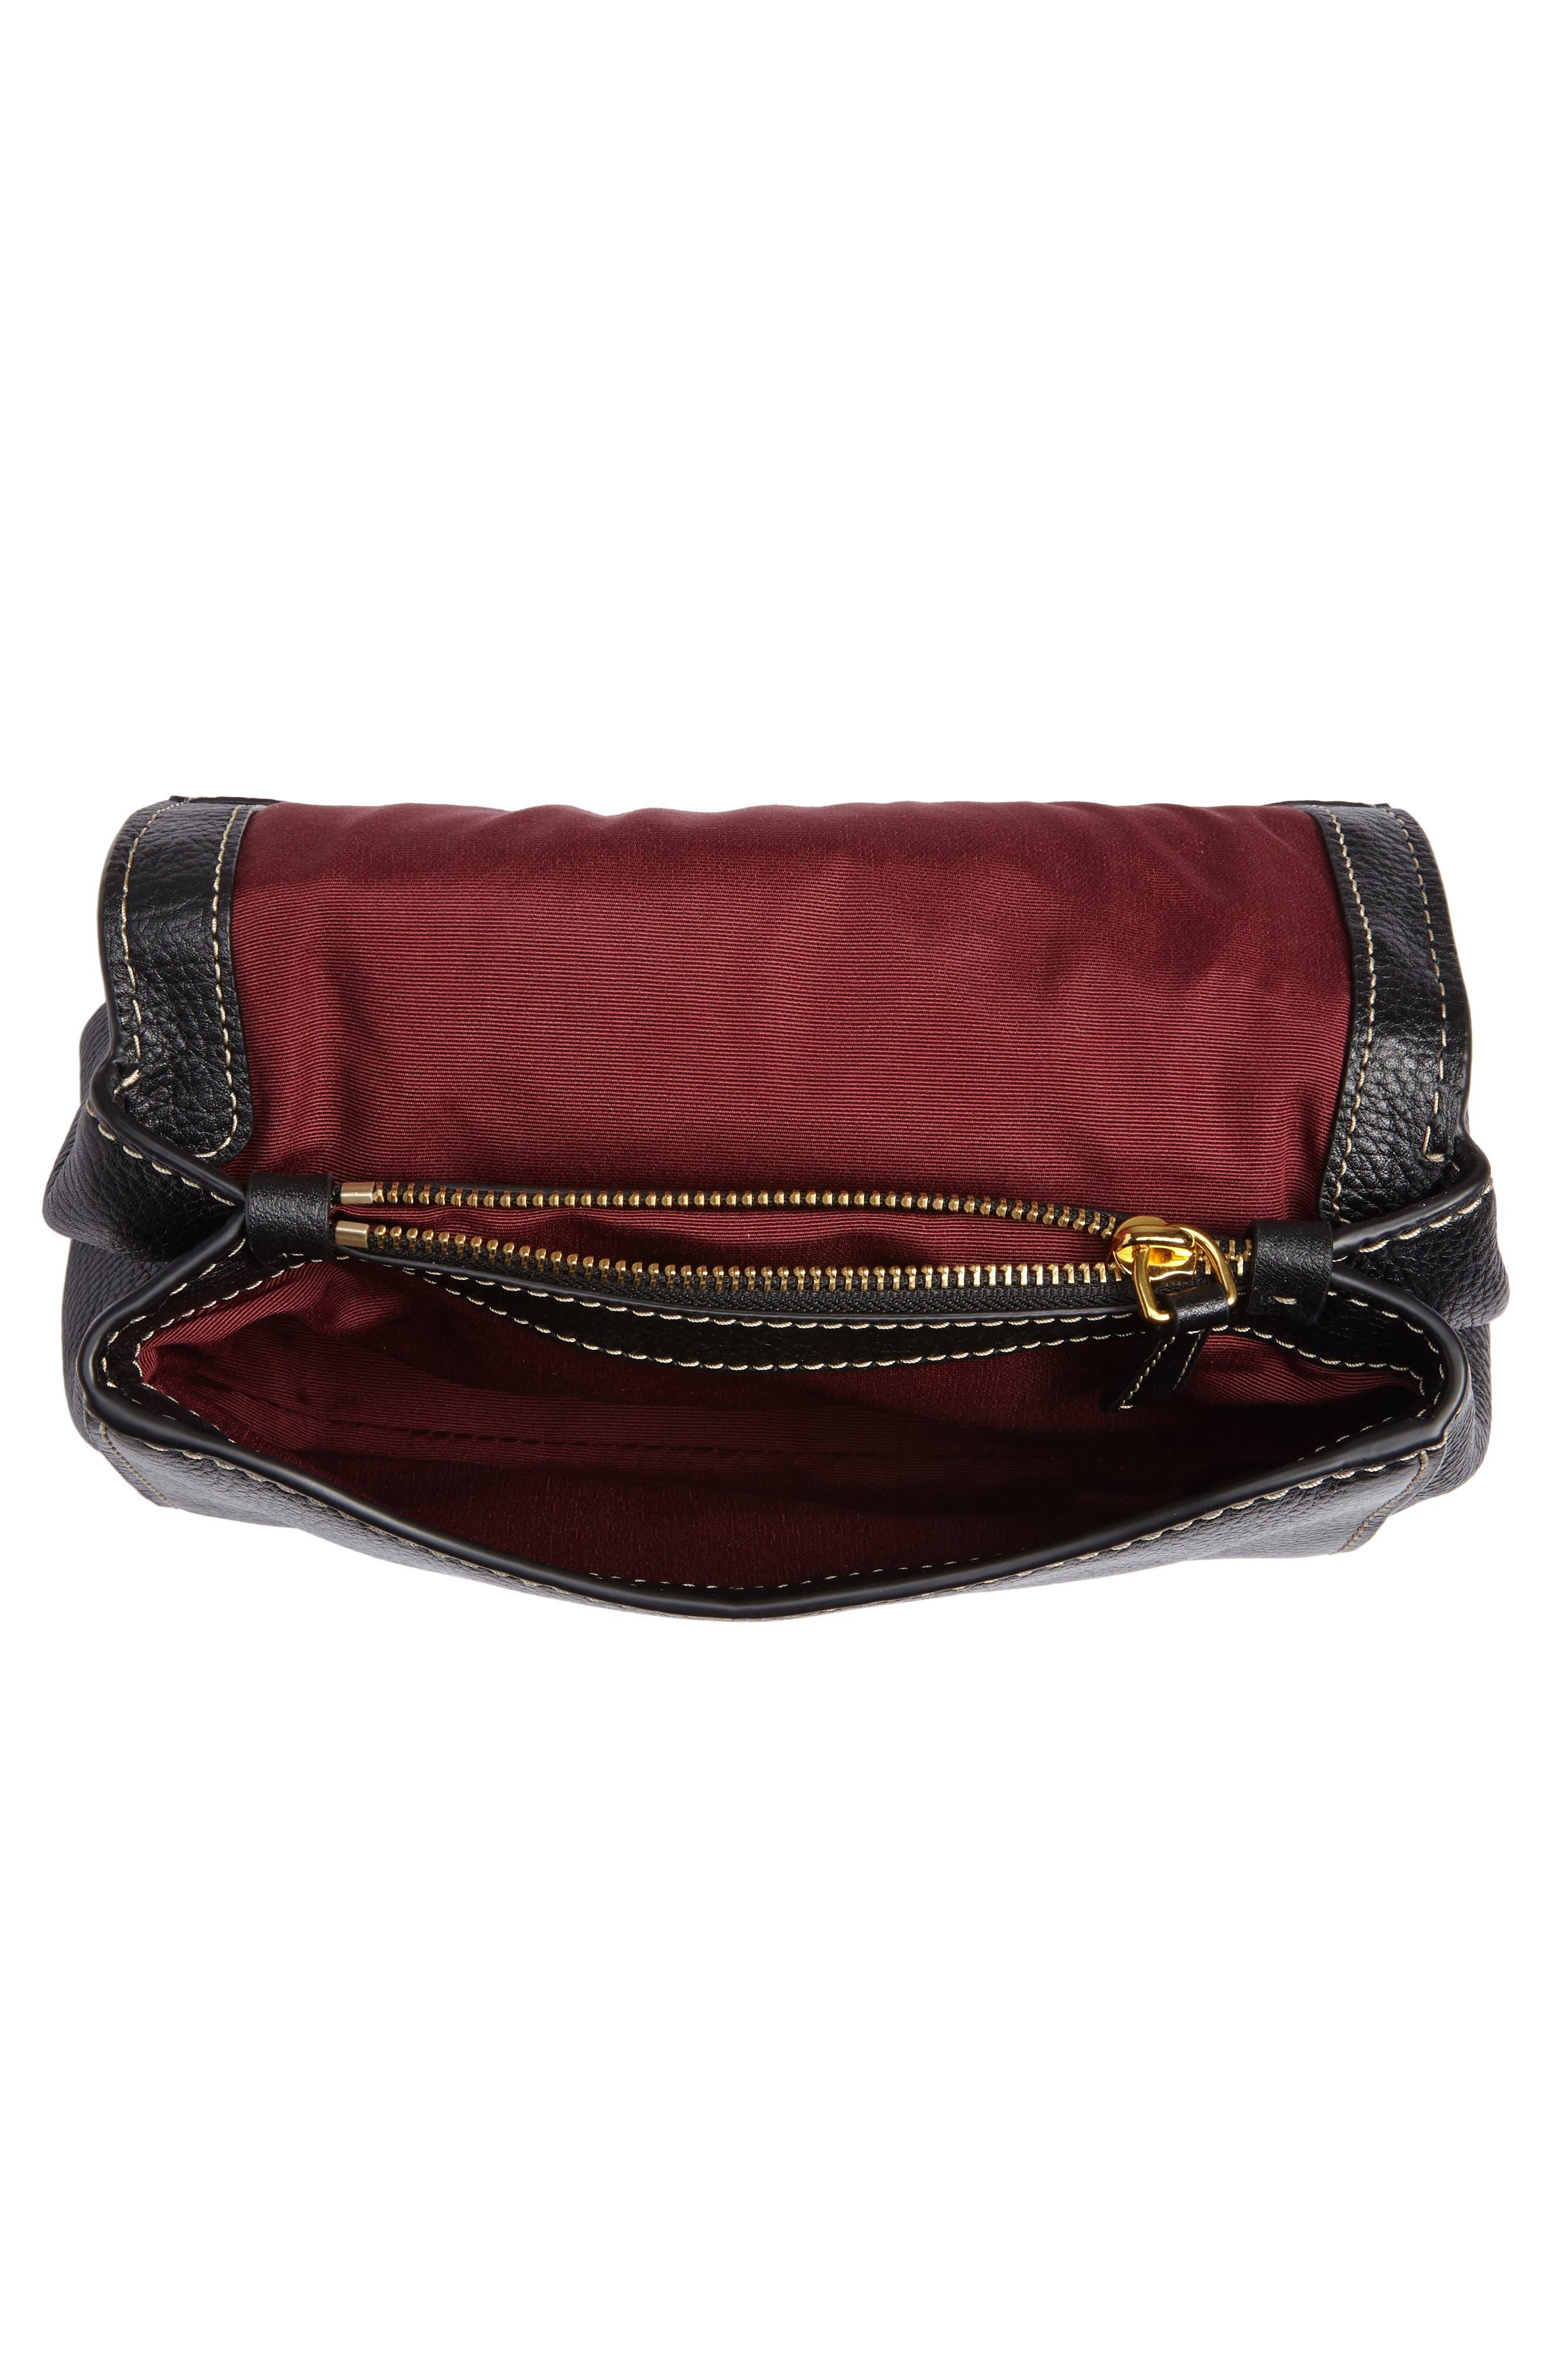 Mini The Boho Grind Leather Shoulder Bag,                             Alternate thumbnail 4, color,                             014